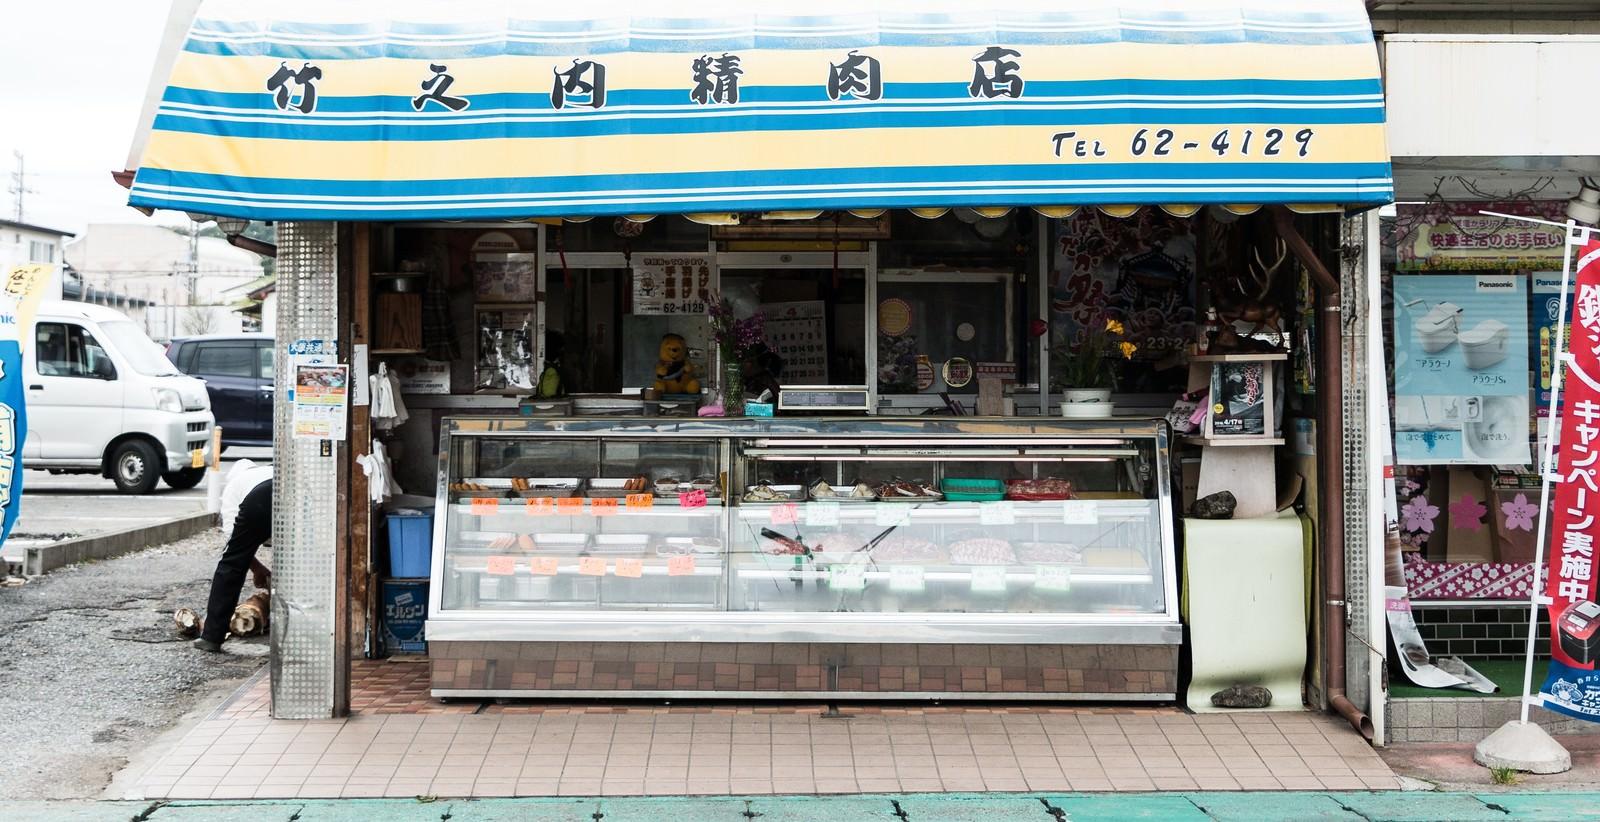 「地元に人気の精肉店(竹之内精肉店)」の写真